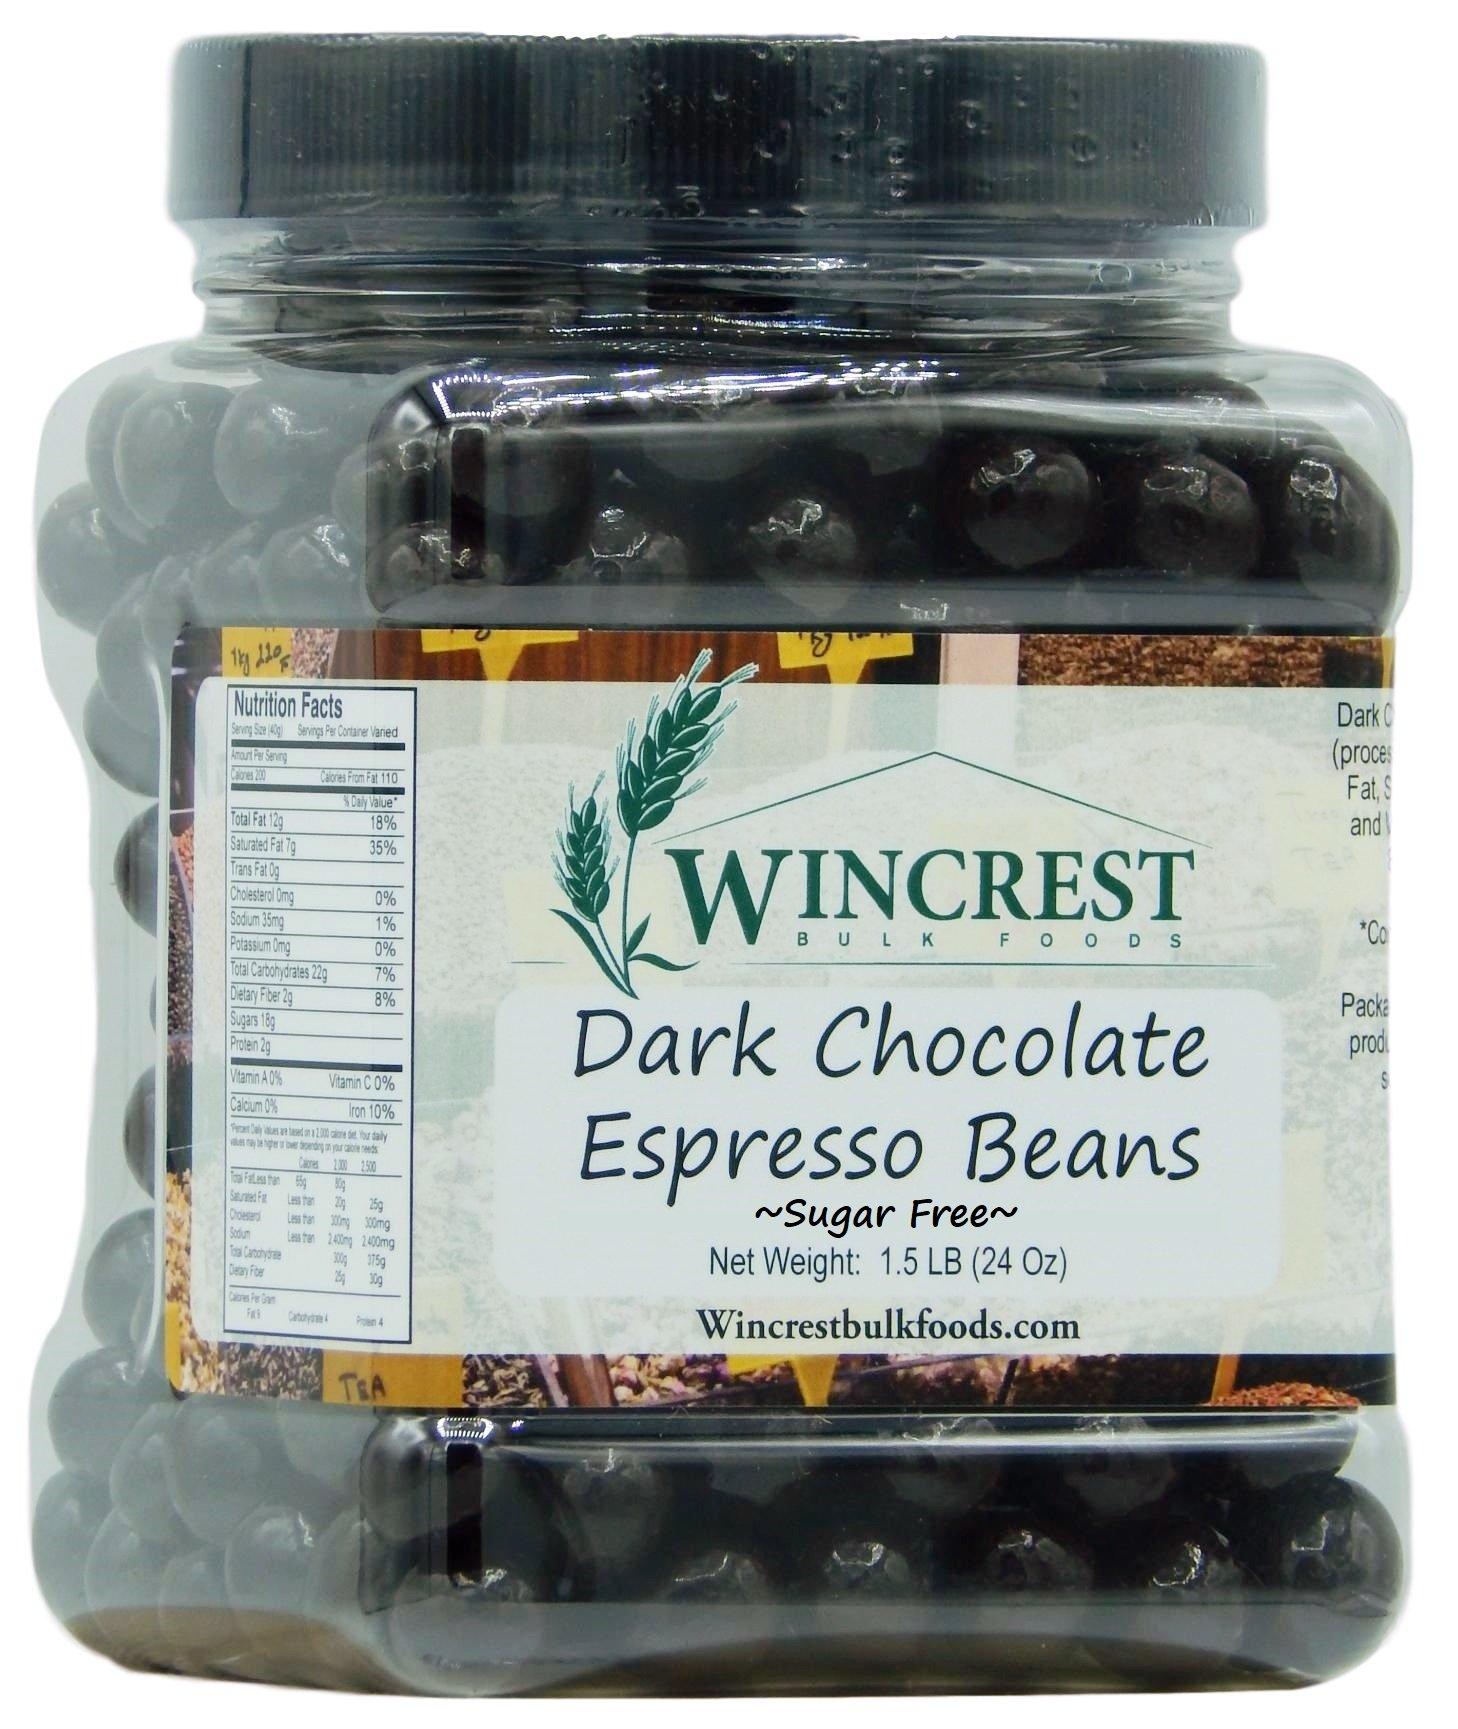 Chocolate Espresso Beans - 1.5 Lb Tub (Sugar Free Dark Chocolate) by WinCrest Bulk Foods